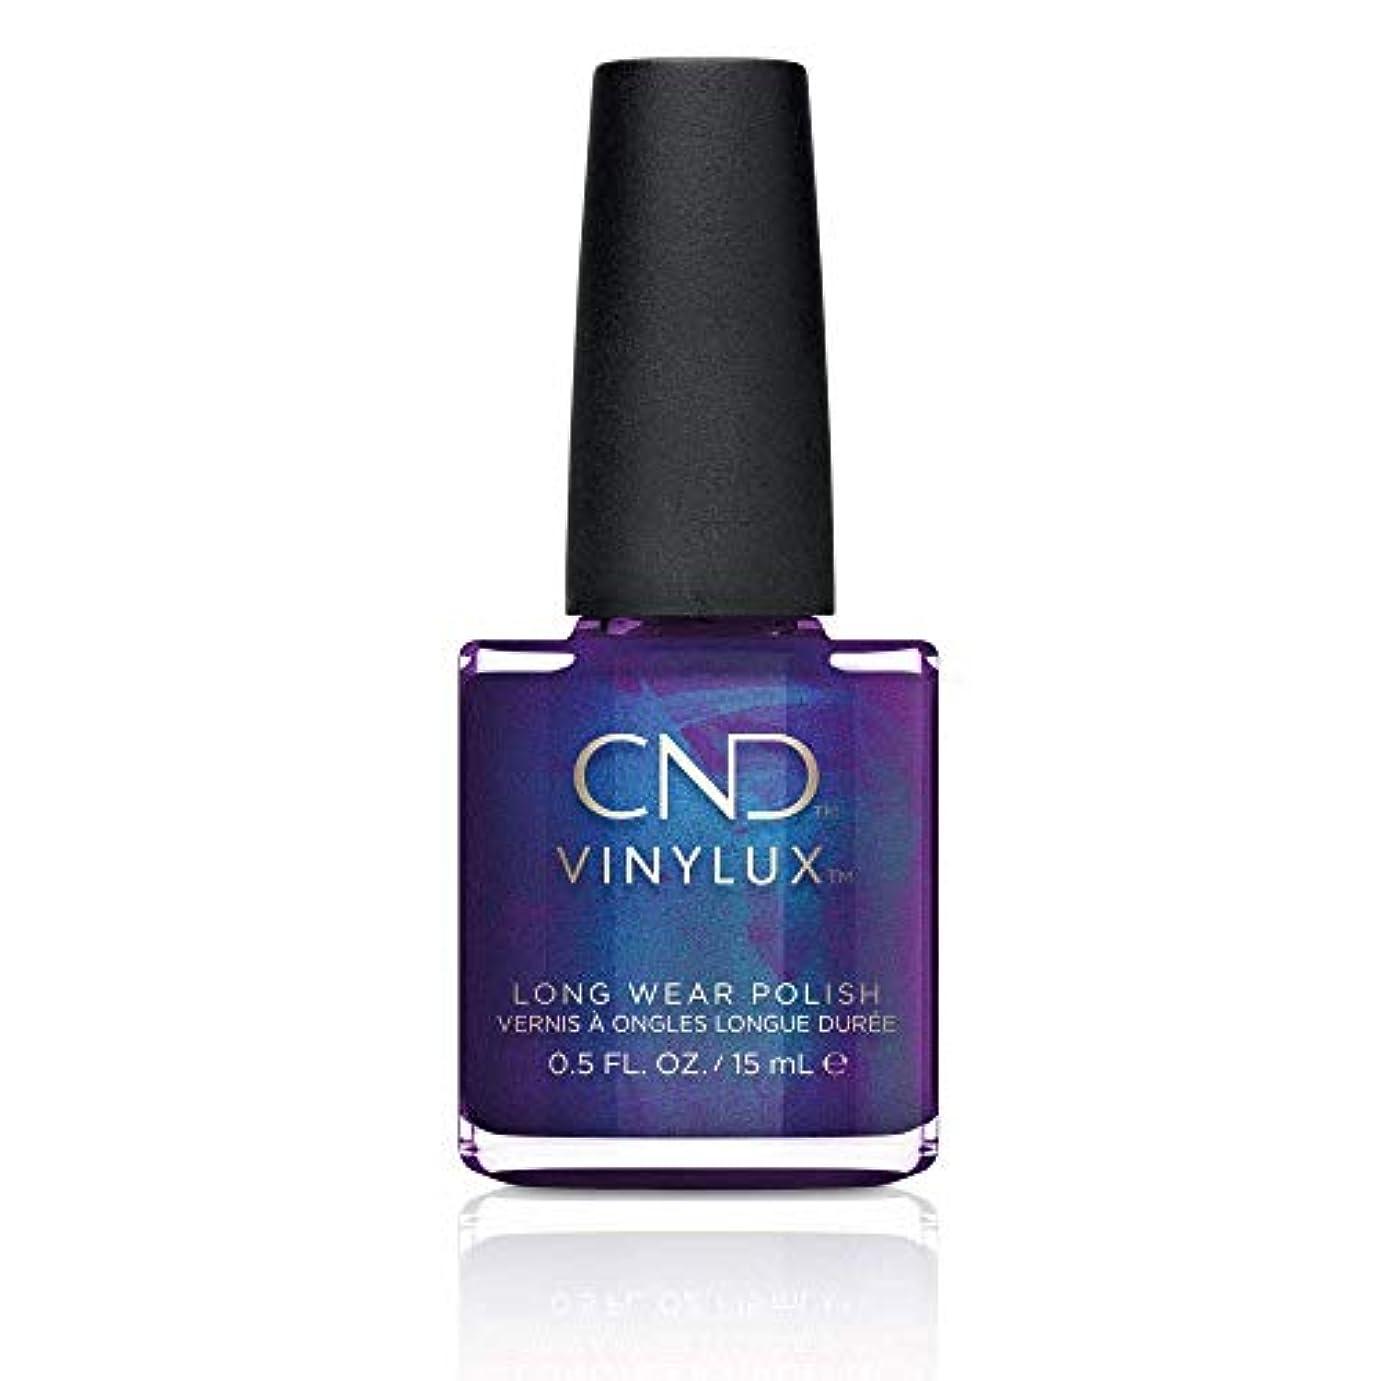 吸収する批判的編集者CND Vinylux Nail Polish - Fall 2017 Night Spell Collection - Eternal Midnight - 0.5oz / 15ml